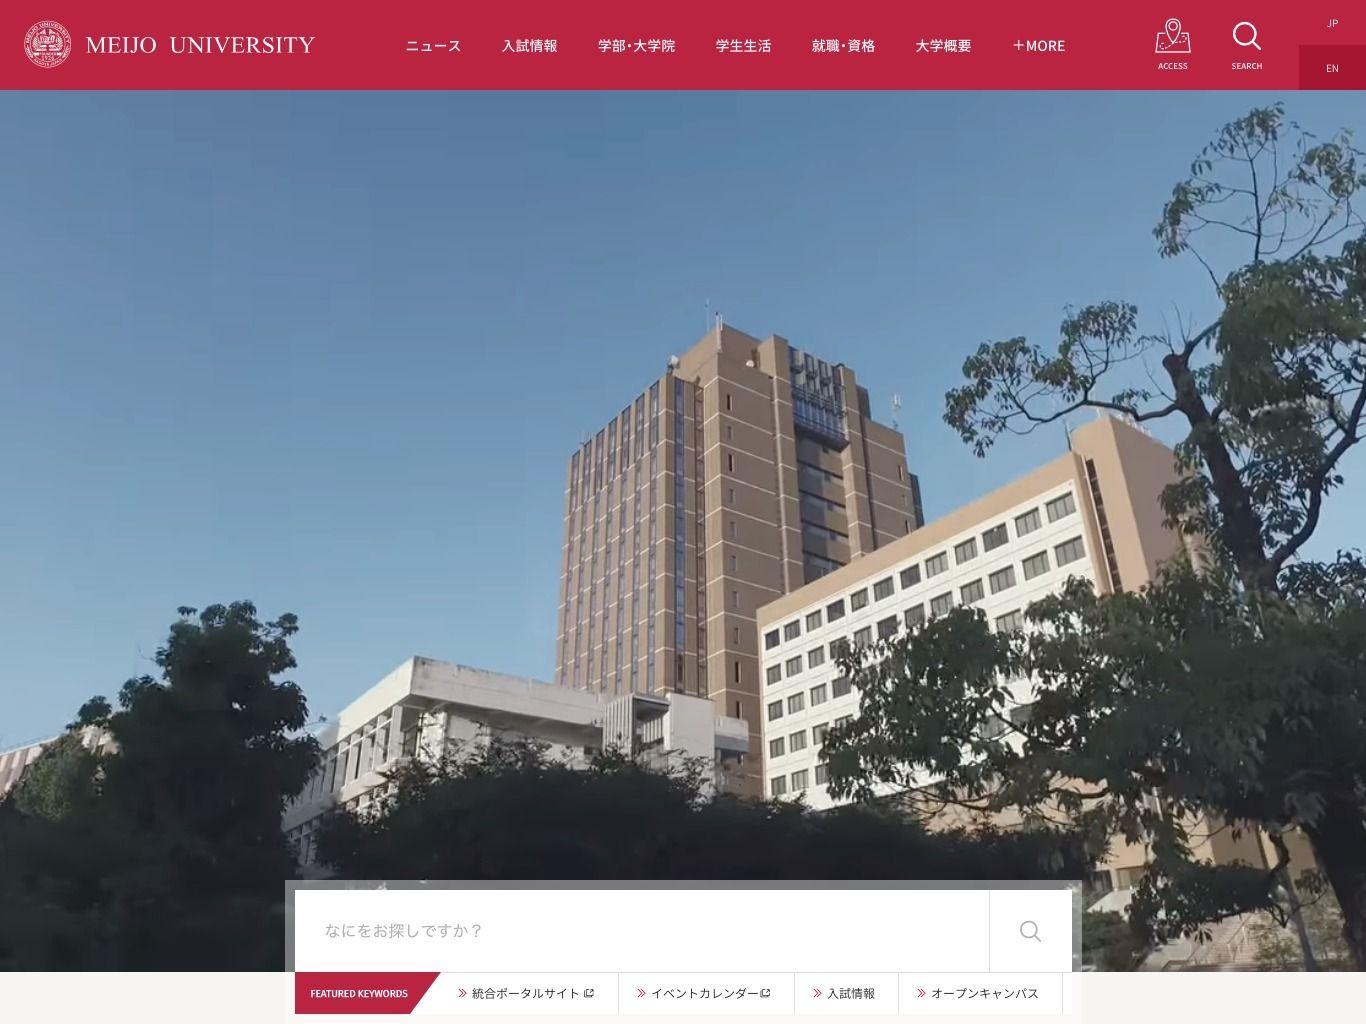 名城 大学 ポータル サイト